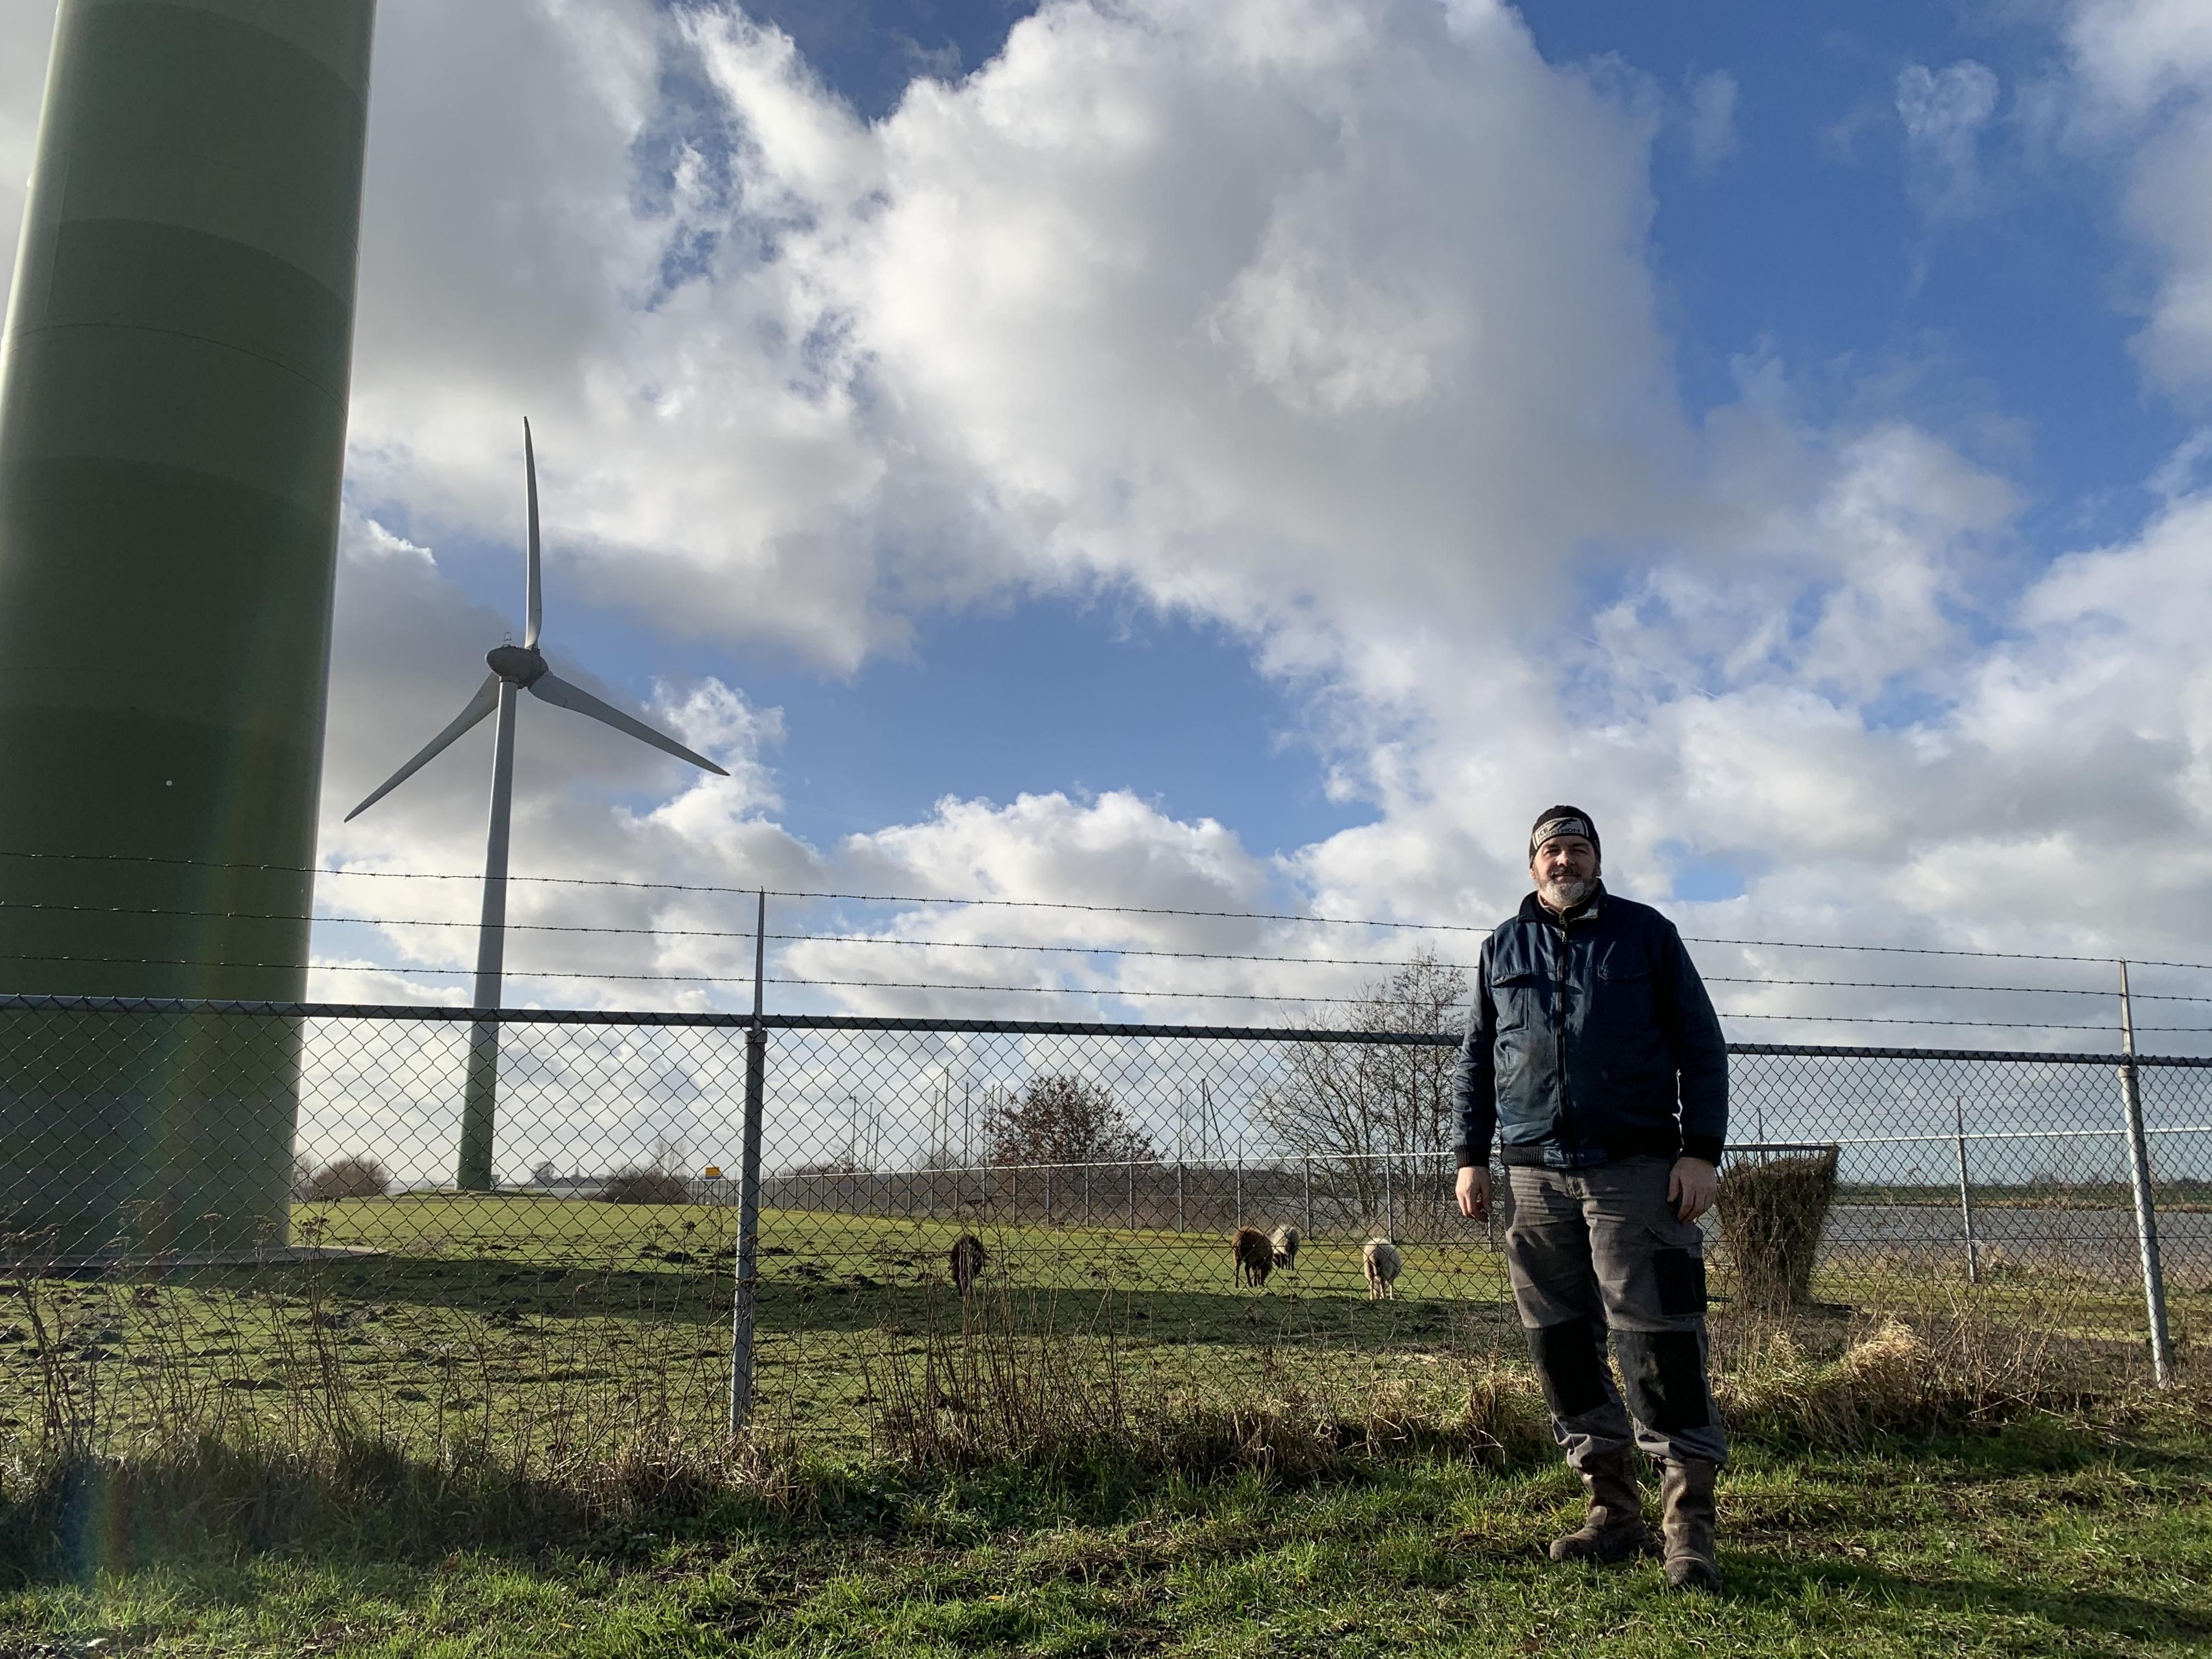 Meer molens langs de dijk? 'Ik vrees dat de overlast van de windmolens exponentieel toeneemt als het doorgaat'